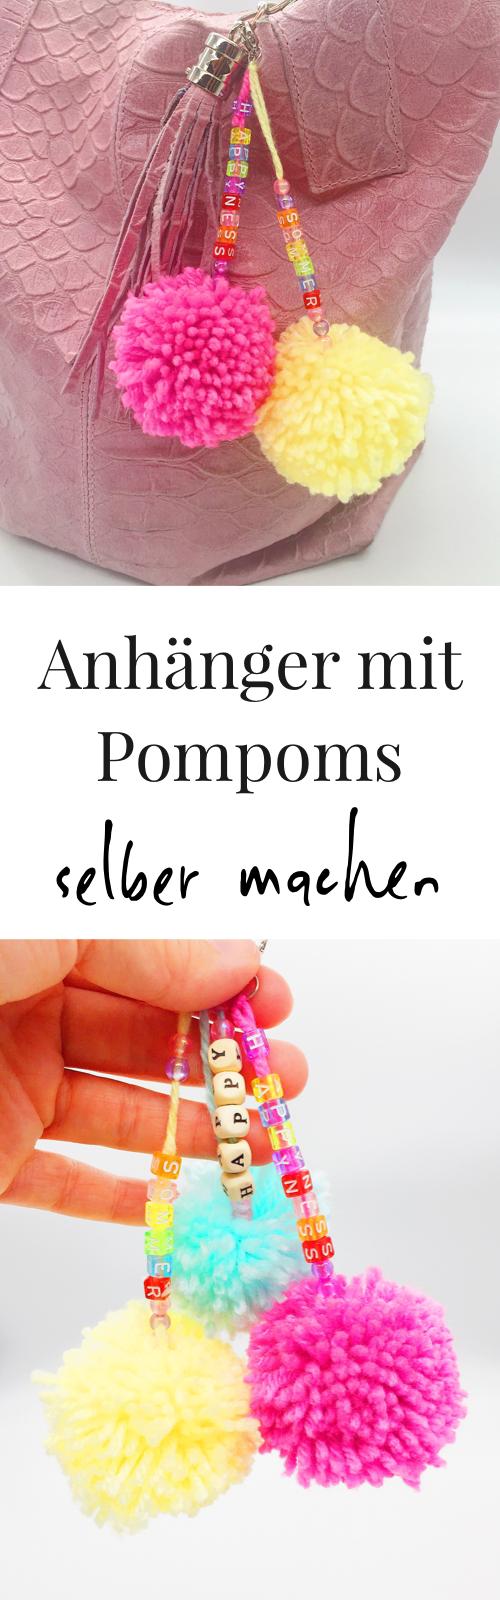 Drei sommerliche diy und deko ideen mit pompons selber machen deutsche diy blogger - Bommel machen anleitung ...